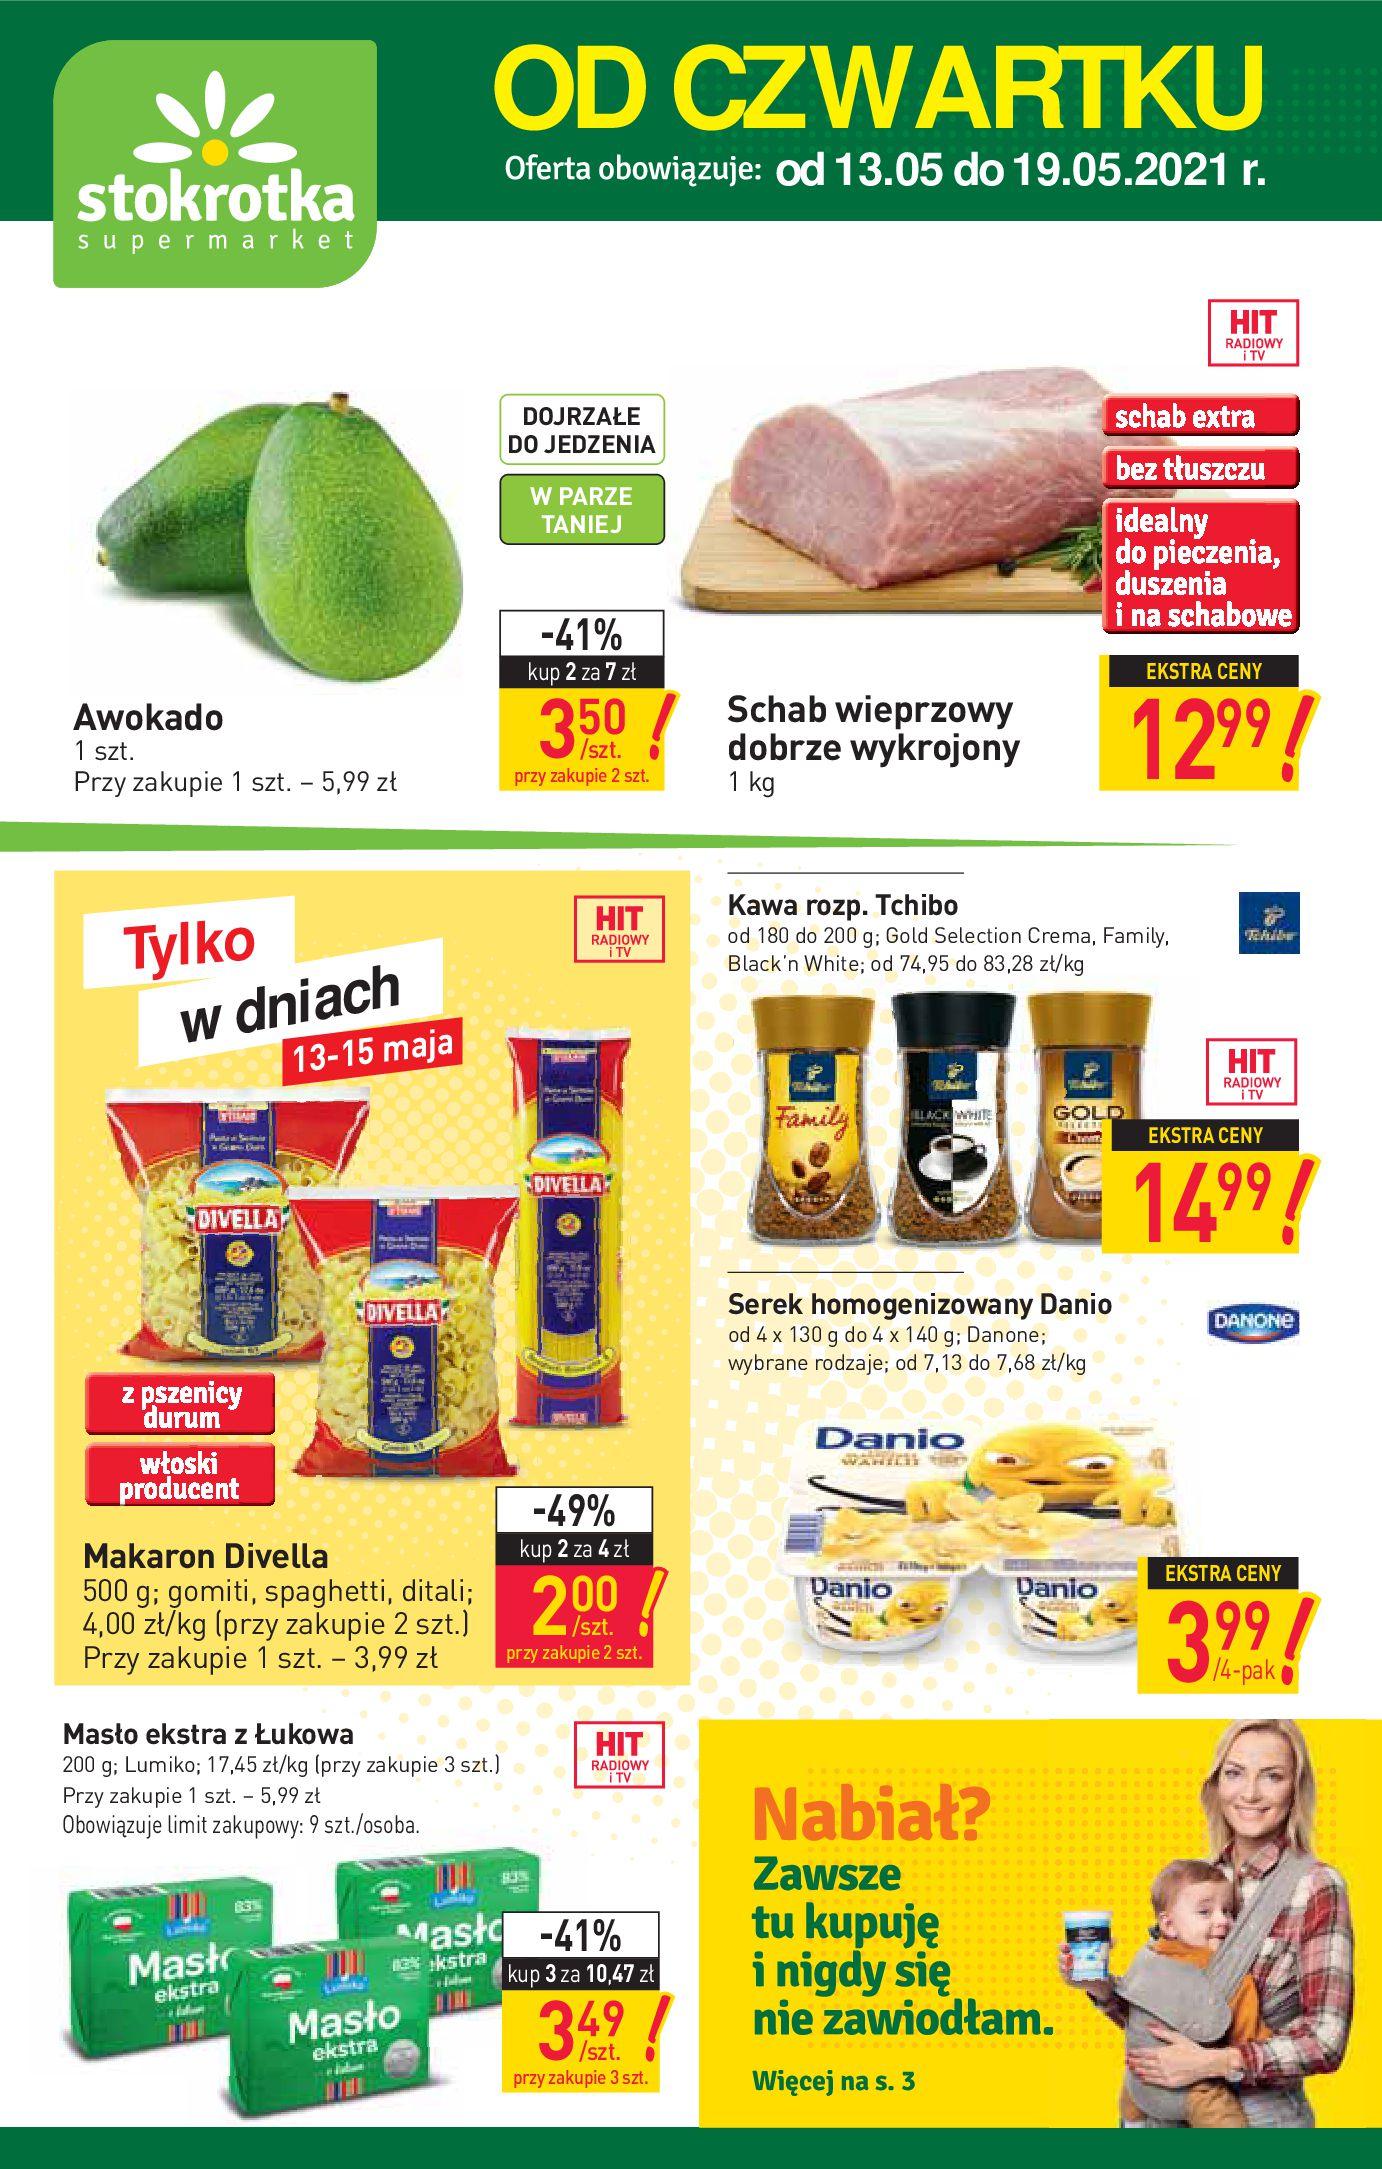 Stokrotka Supermarket:  Gazetka Stokrotka Supermarket - 13-19.05 12.05.2021